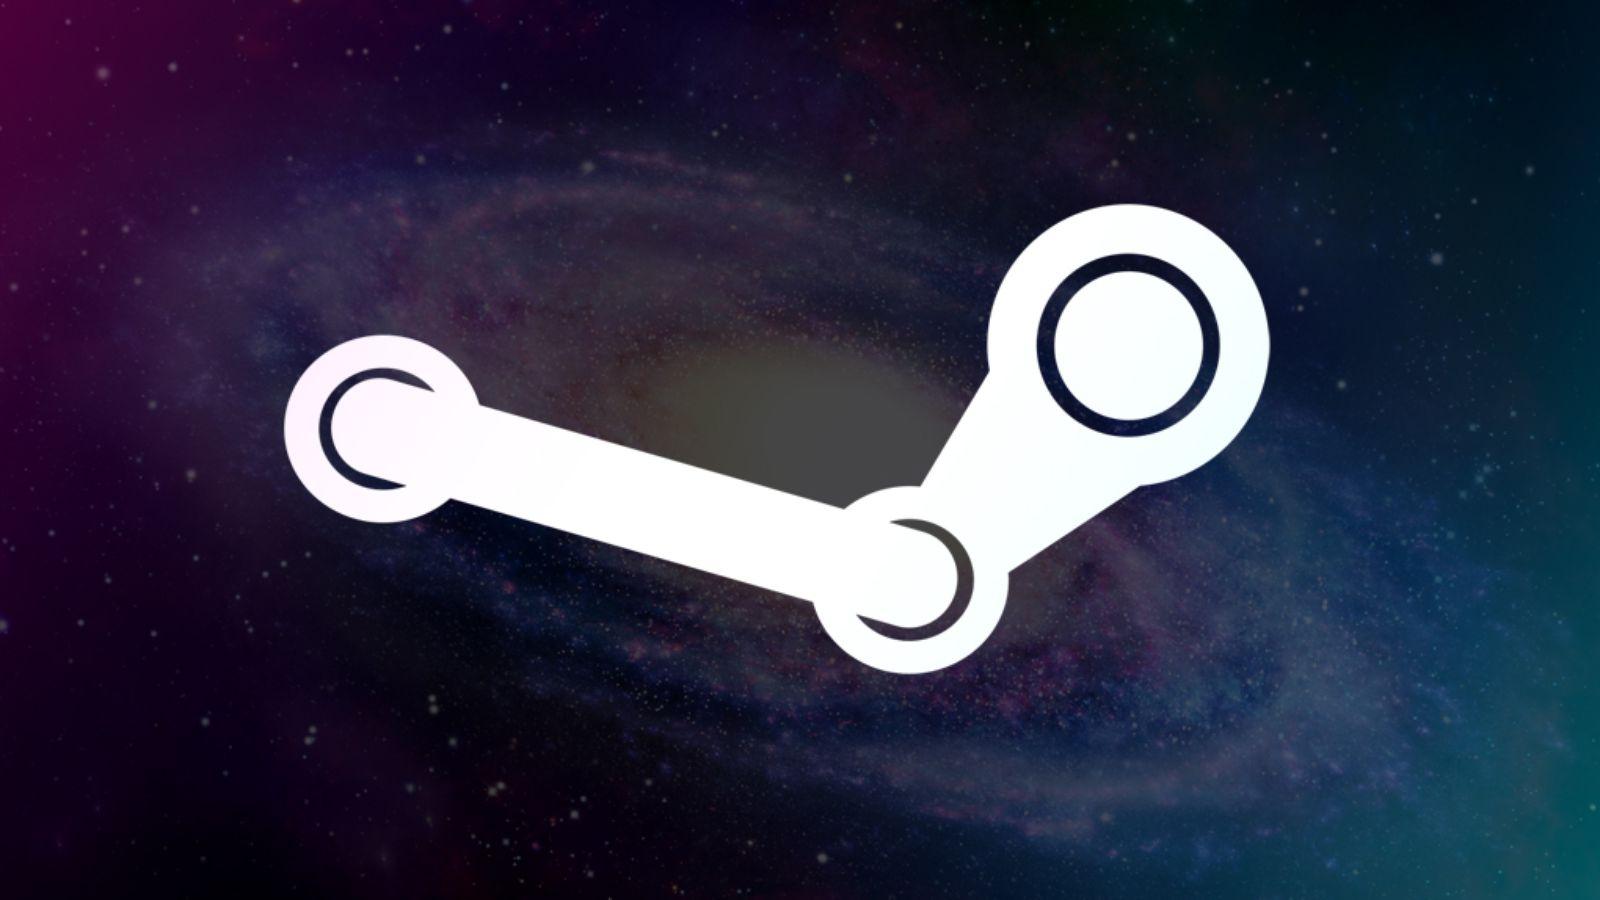 Steam - stiahnutie najnovej verzie zadarmo 2020